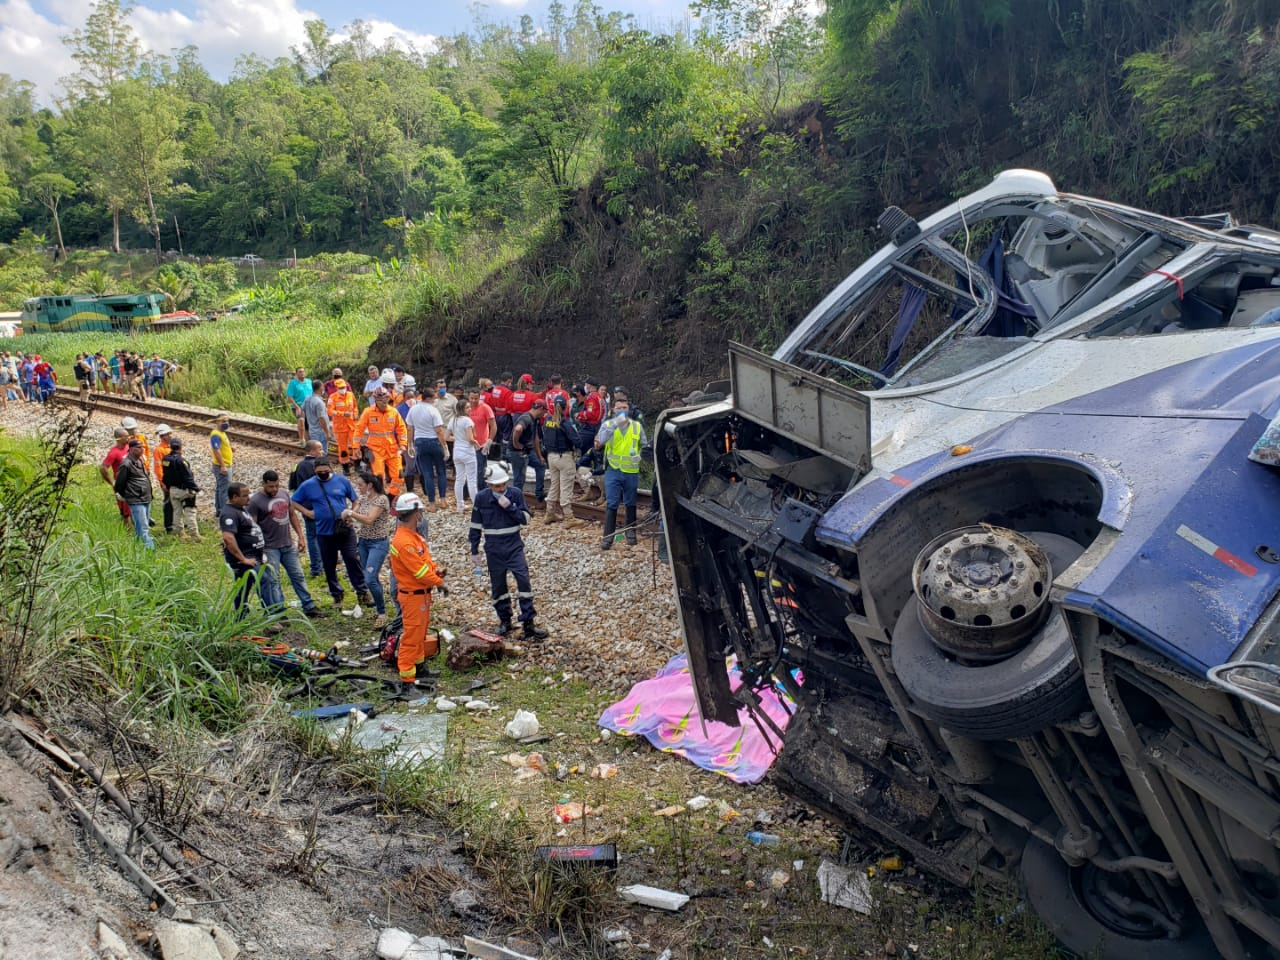 Bombeiros fizeram o resgate das vítimas junto com PRF e ambulâncias locais - Foto: Divulgação/Corpo de Bombeiros